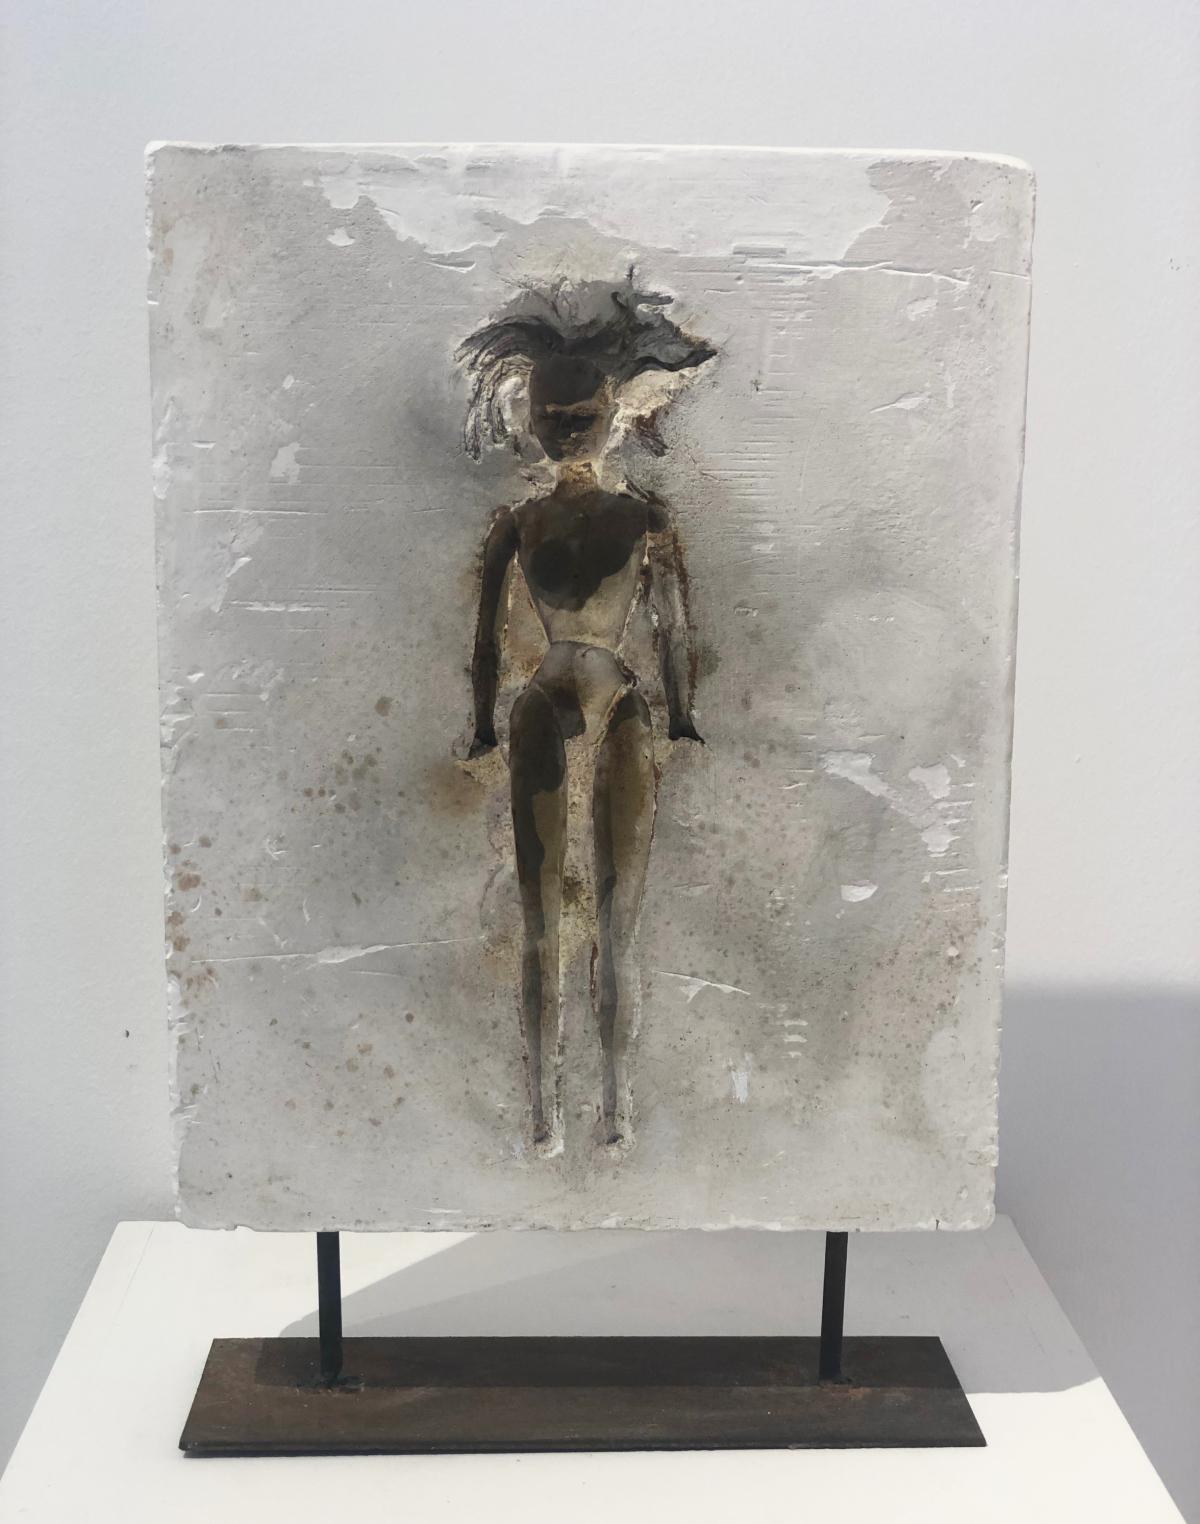 Barbie by Philippe Boulakia 45X30X7 cm